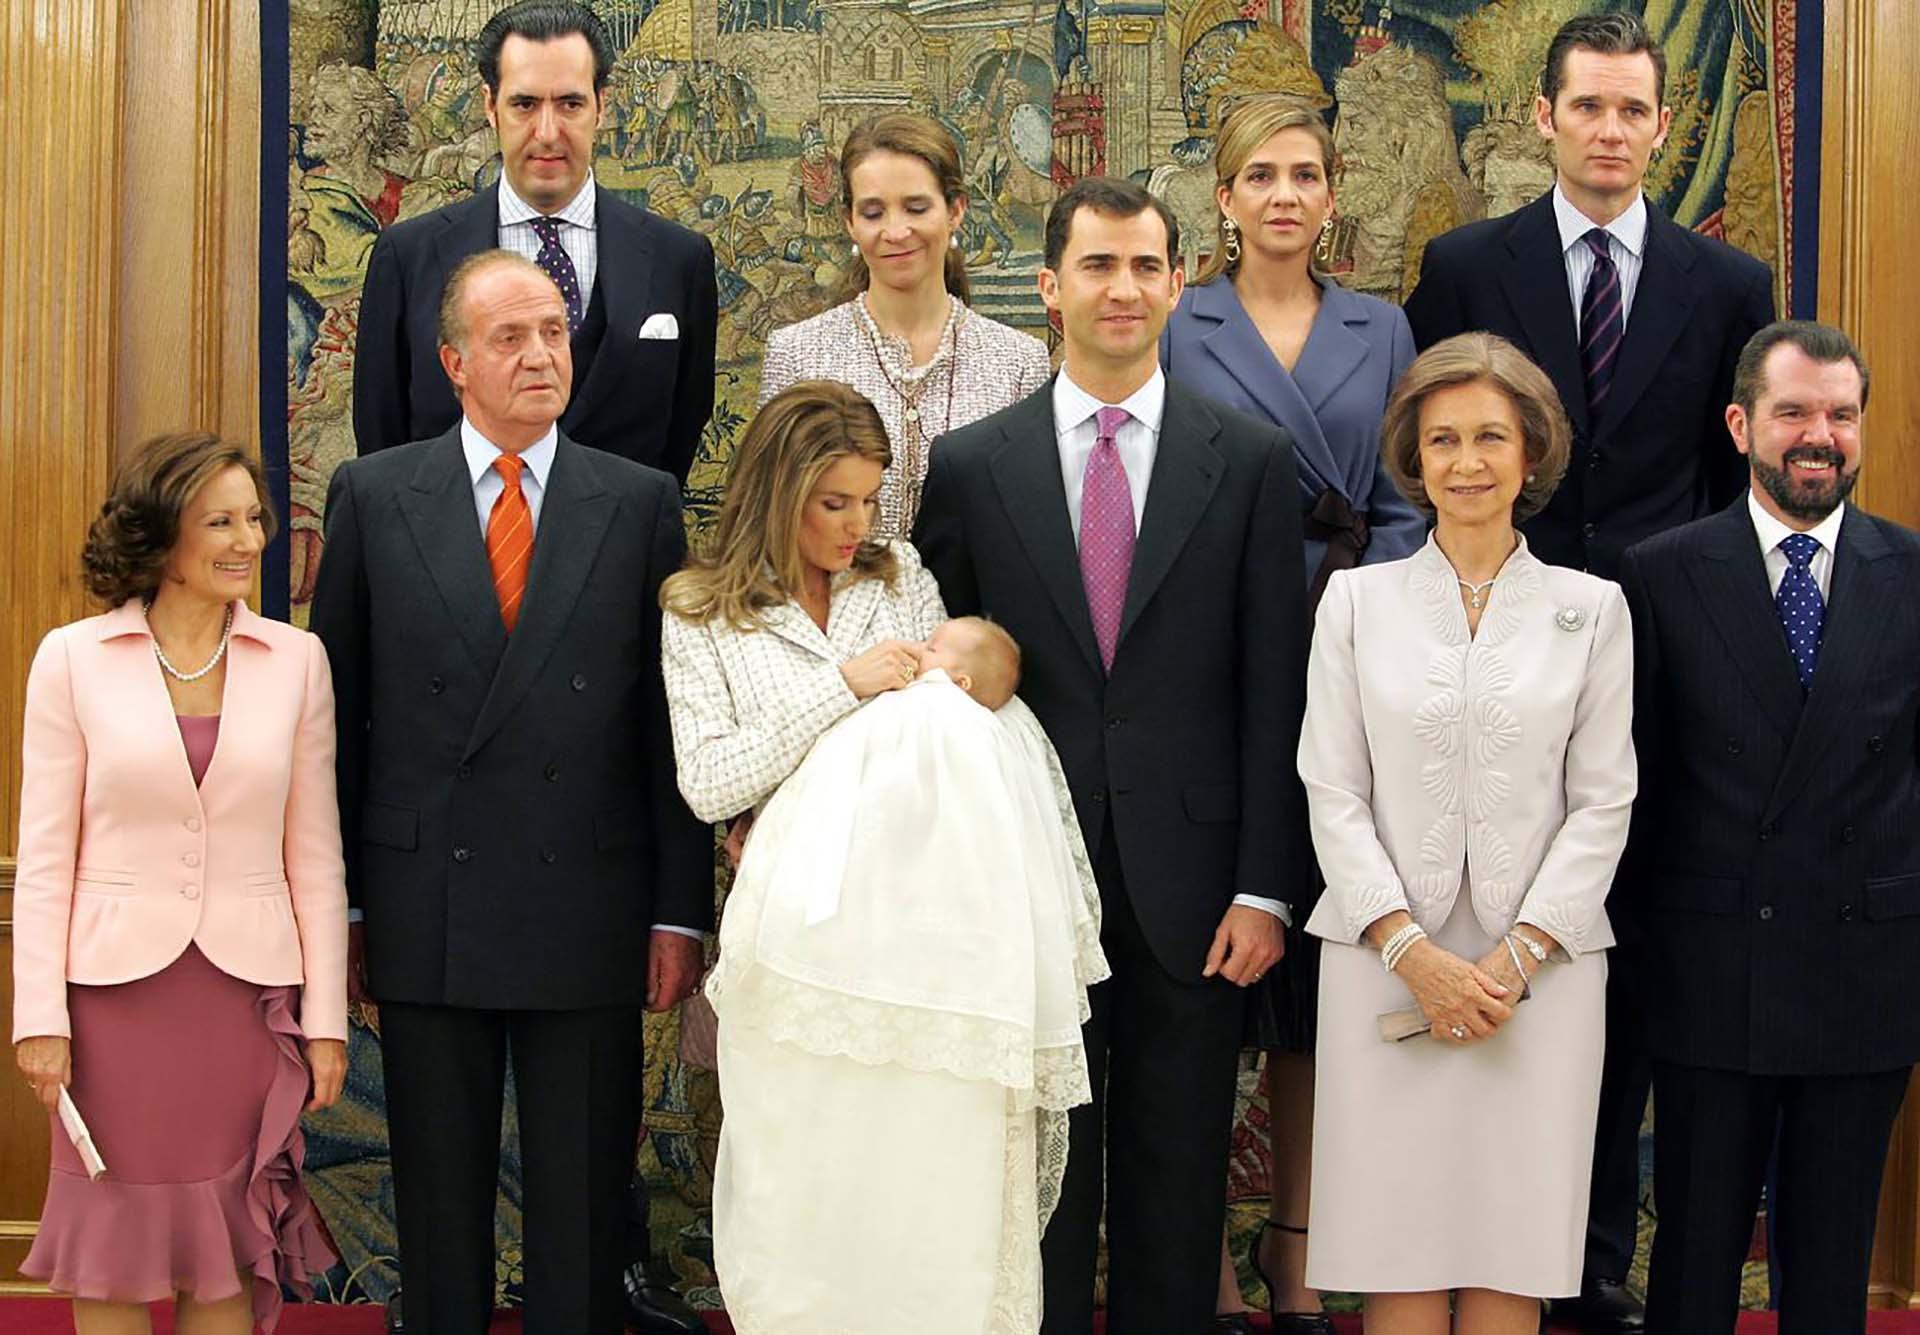 El bautismo de la princesa Sofía reunió a toda la familia, incluida la madre de Letizia, María de la Paloma Rocasolano Rodríguez, ubicada al lado de Juan Carlos.